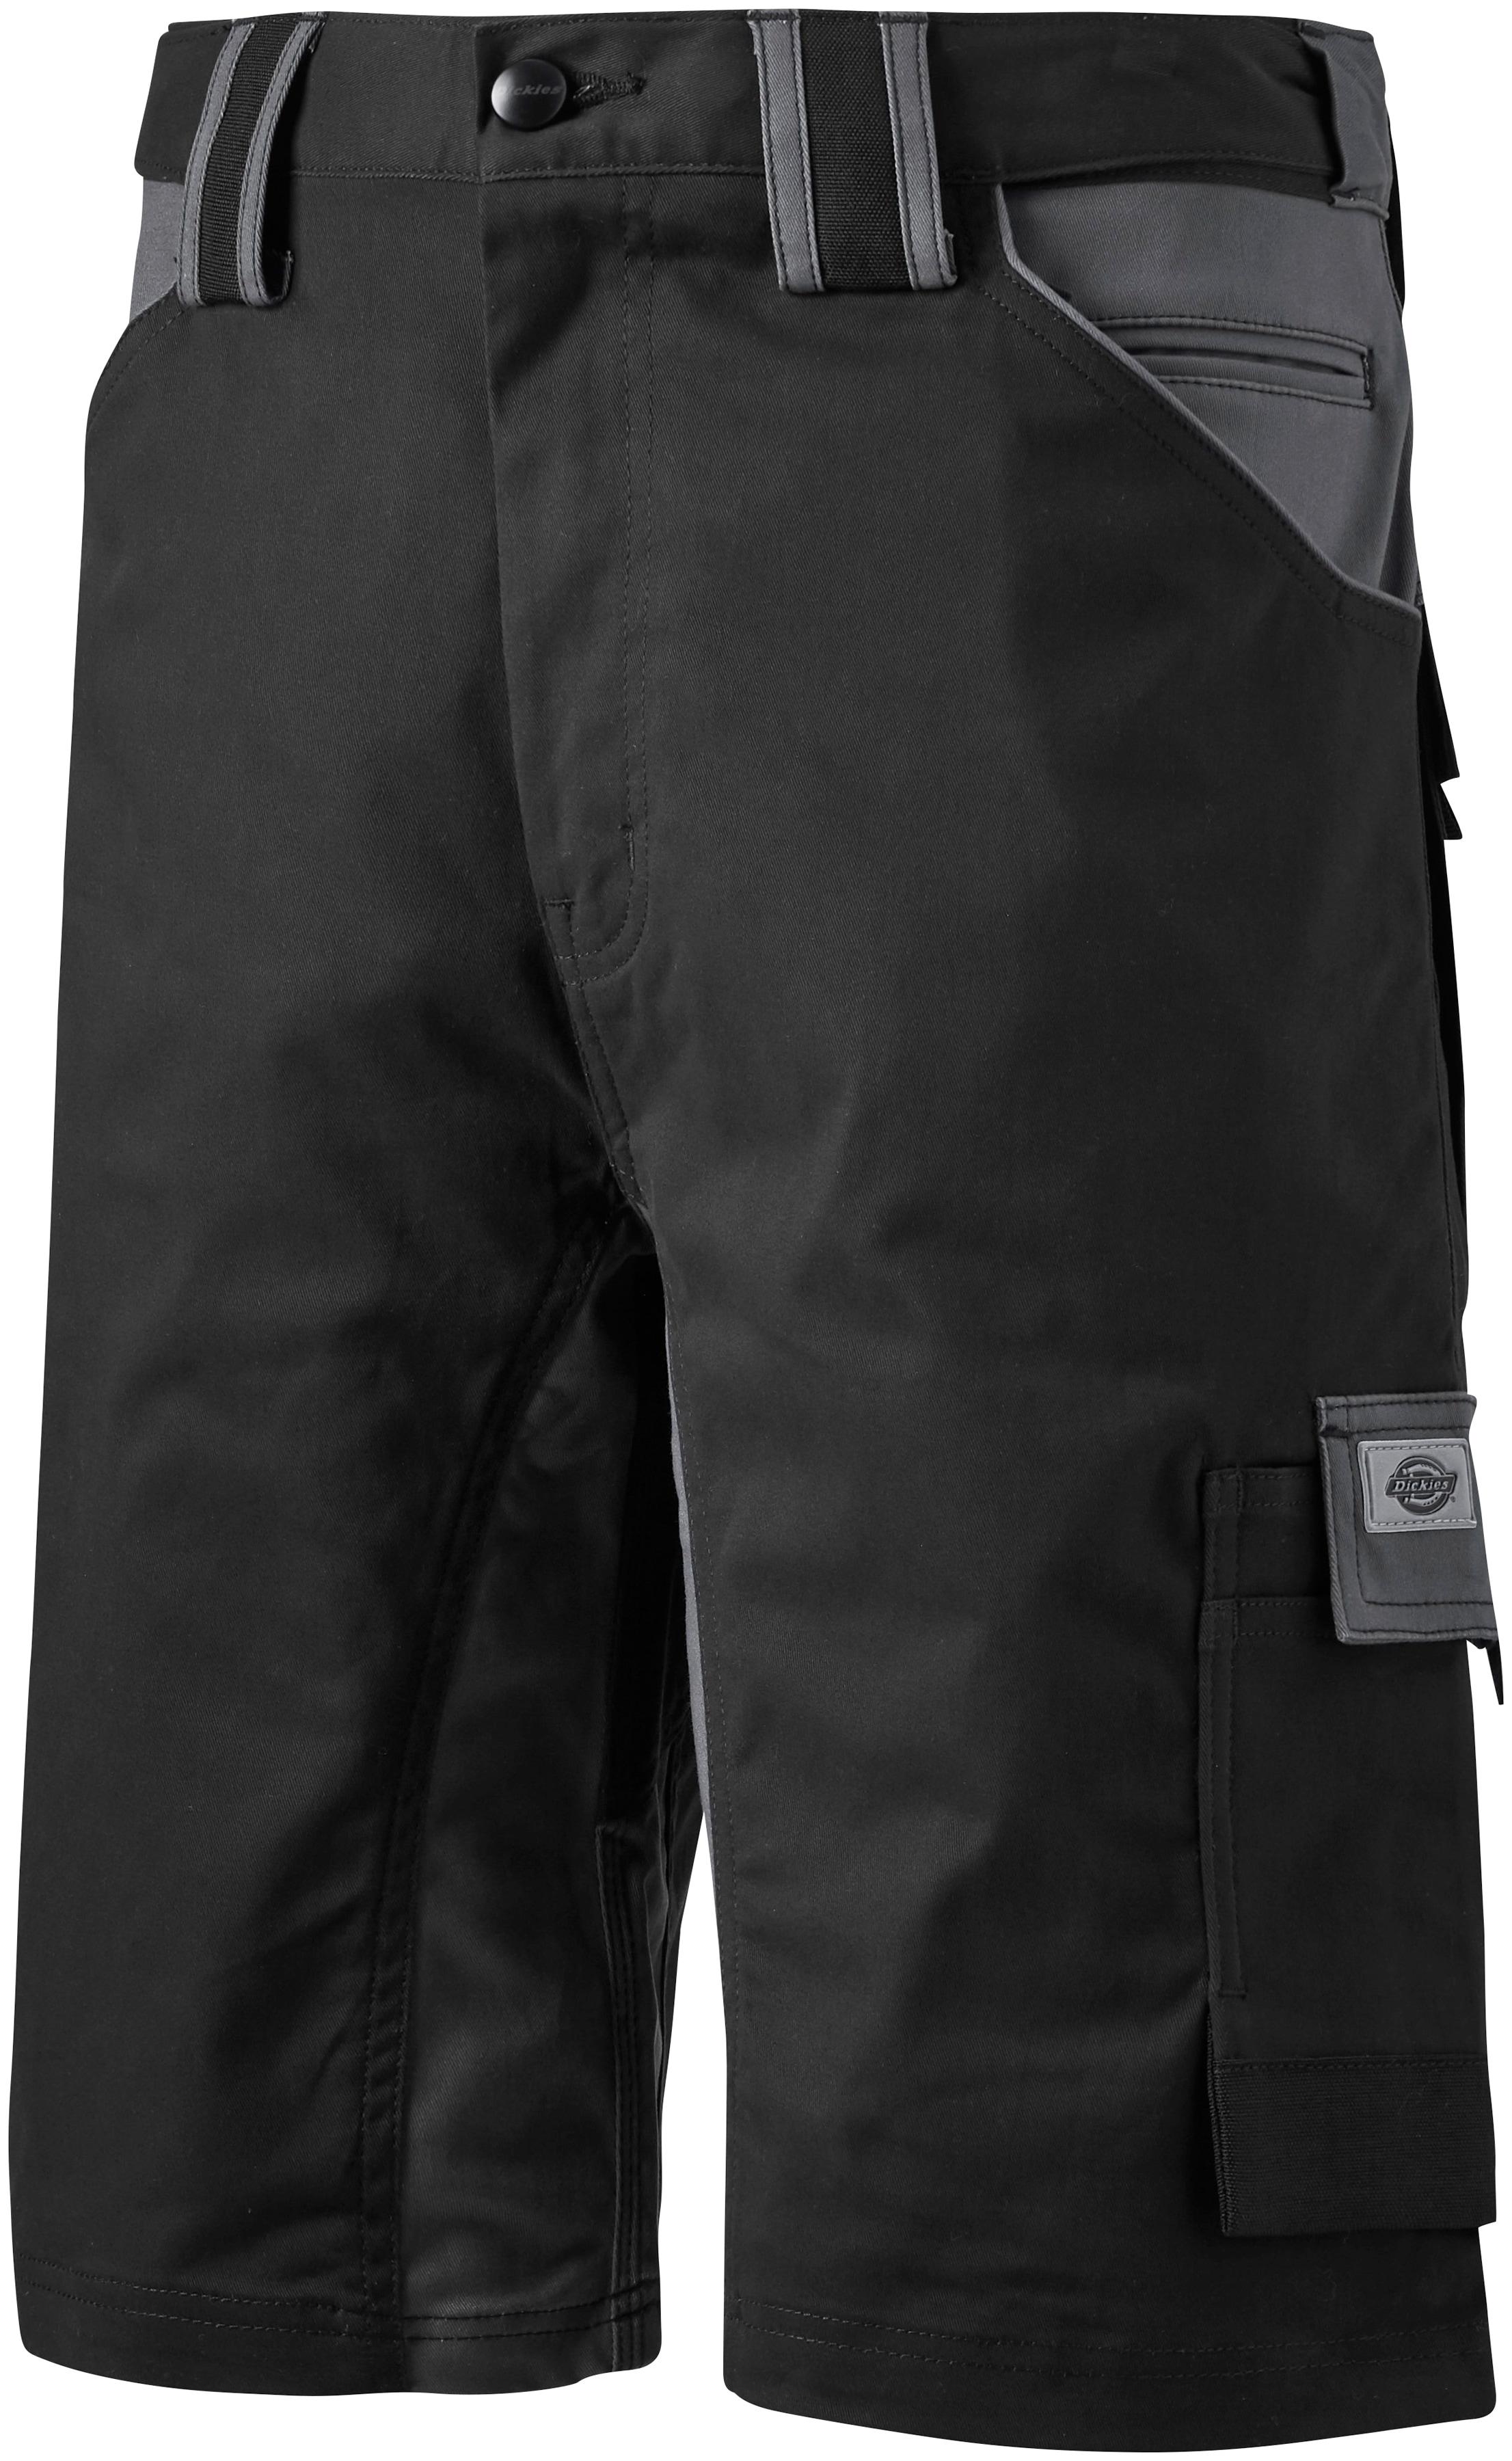 Dickies Arbeitsshorts GDT Premium, mit breiten Gürtelschlaufen schwarz Herren Arbeitshosen Arbeits- Berufsbekleidung